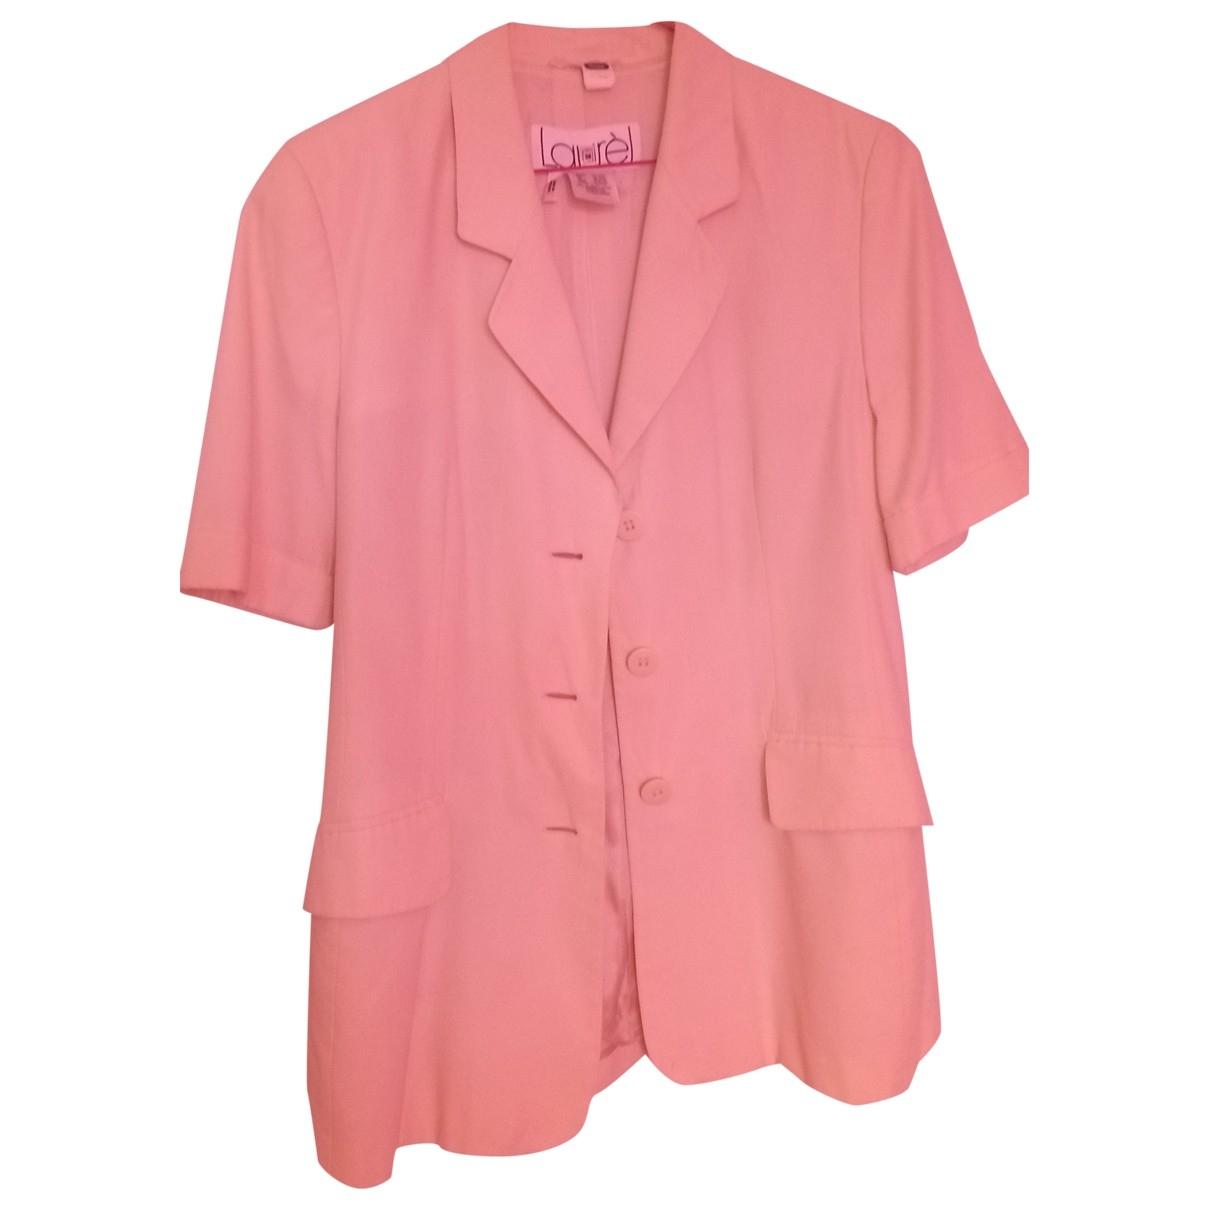 Laurel - Veste   pour femme en coton - beige